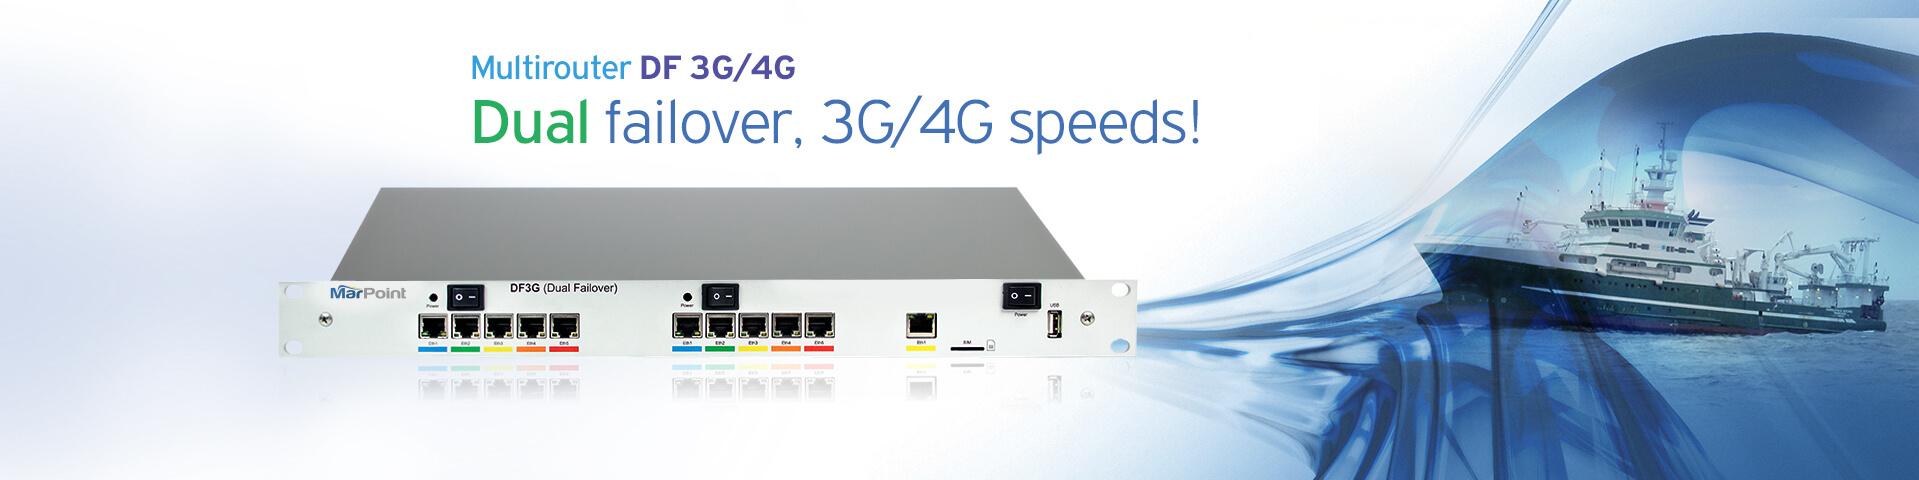 Multirouter DF 3G/4G - Marpoint